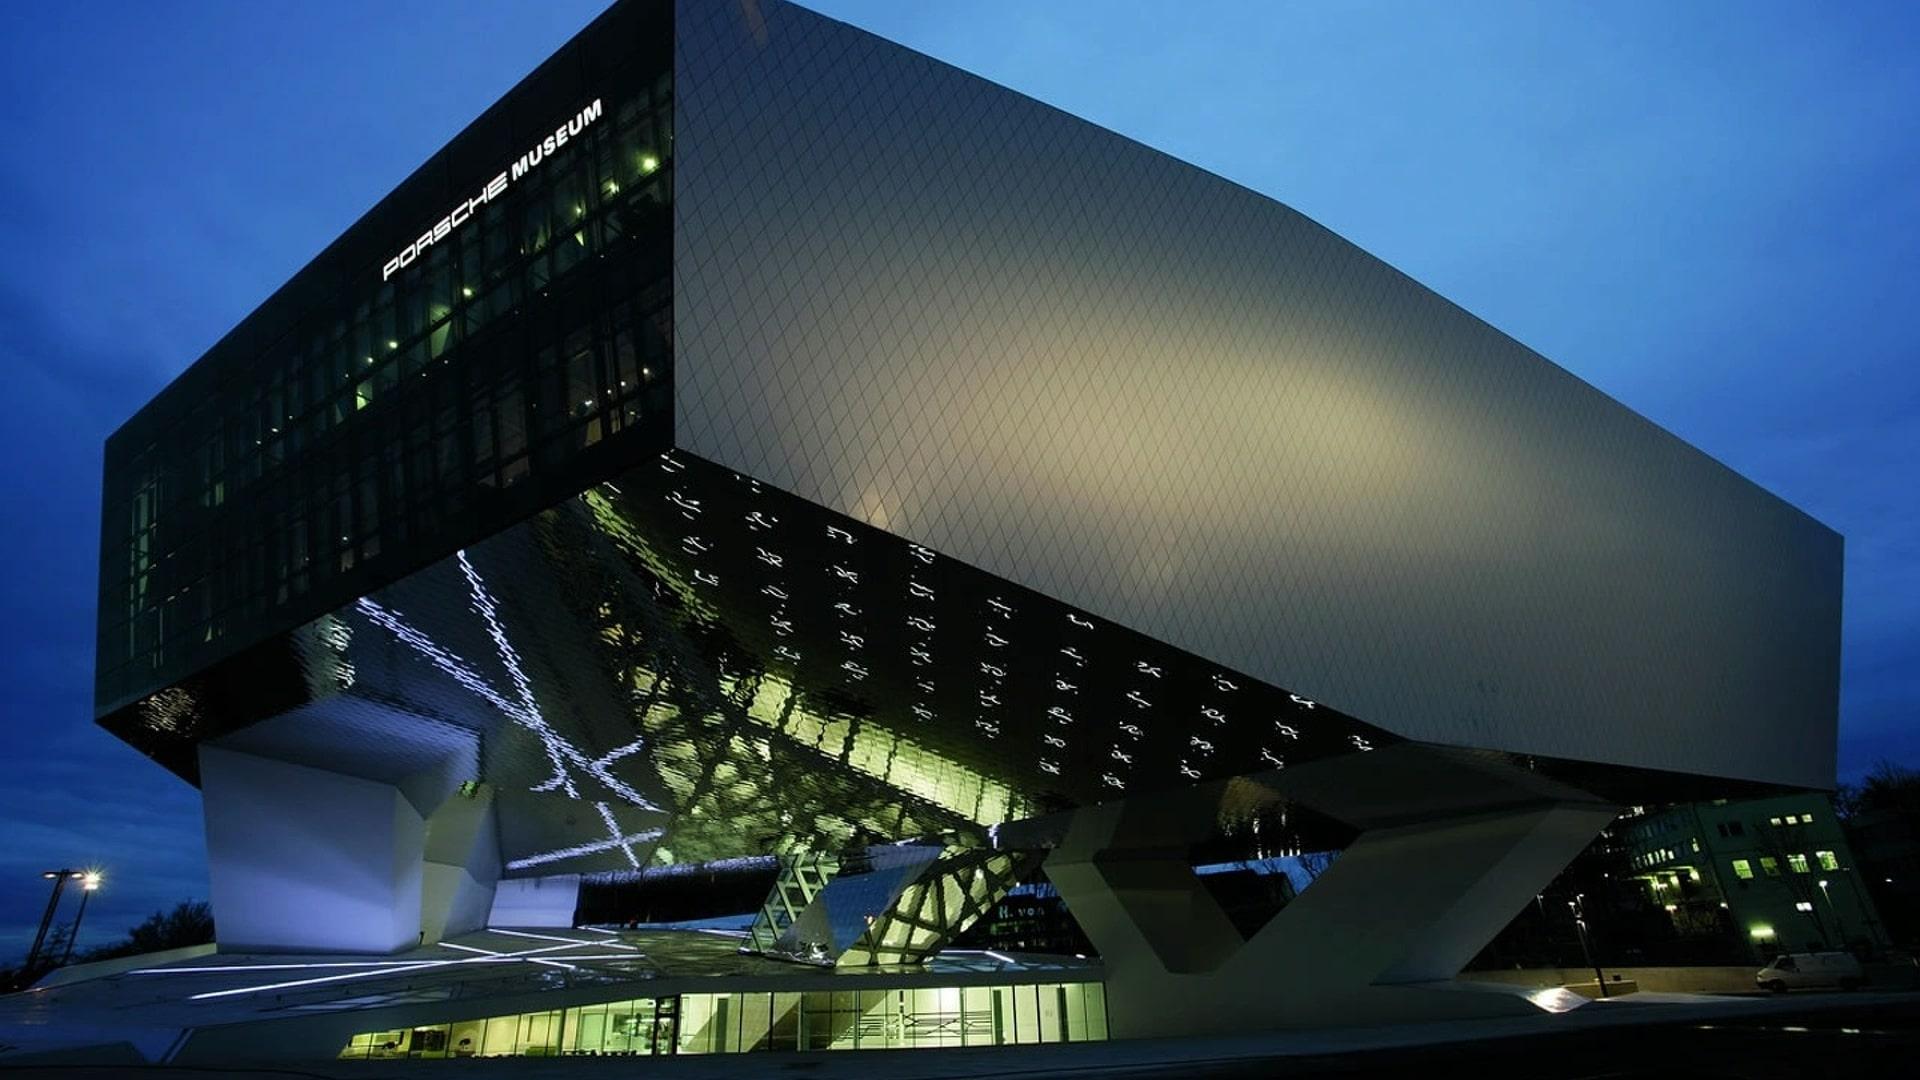 موزه پورشه در اشتوتگارت آلمان